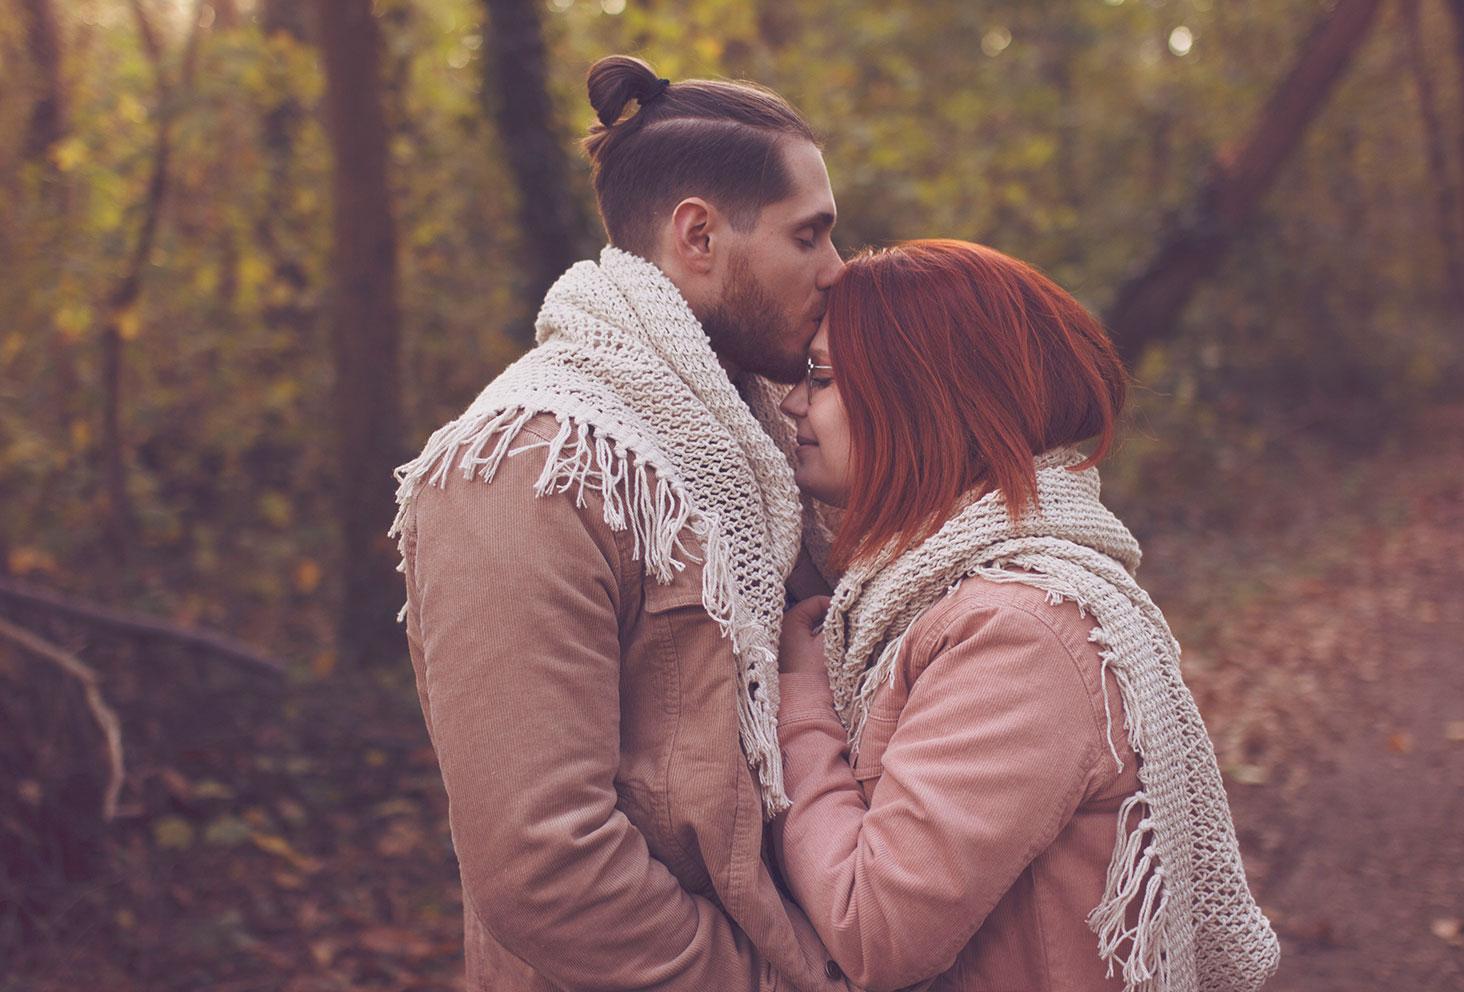 Une séance photo en amoureux comme idée de cadeau pour les fêtes ou autre occasion.